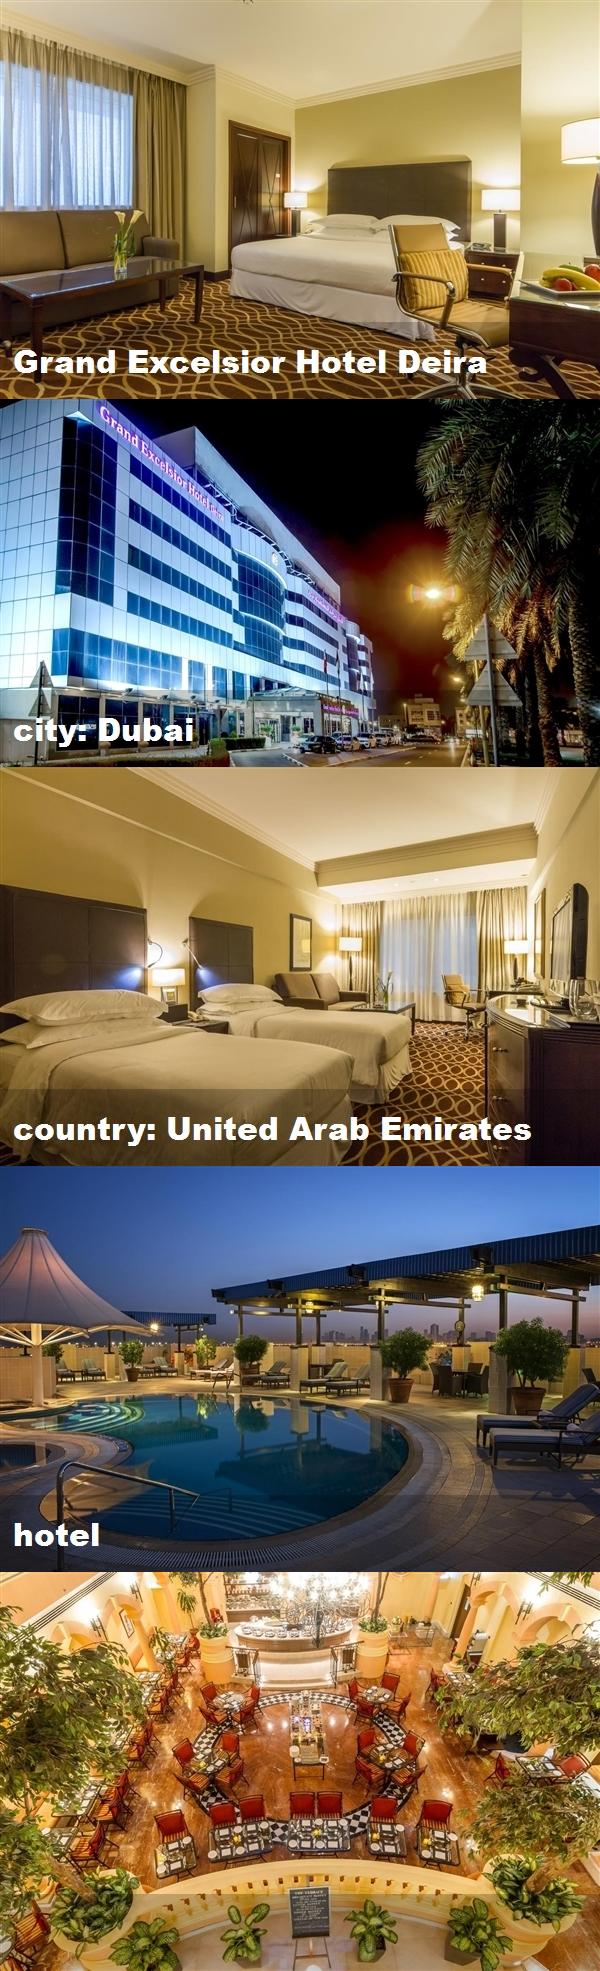 Grand Excelsior Hotel Deira City Dubai Country United Arab Emirates Hotel Excelsior Hotel Hotel Dubai International Airport